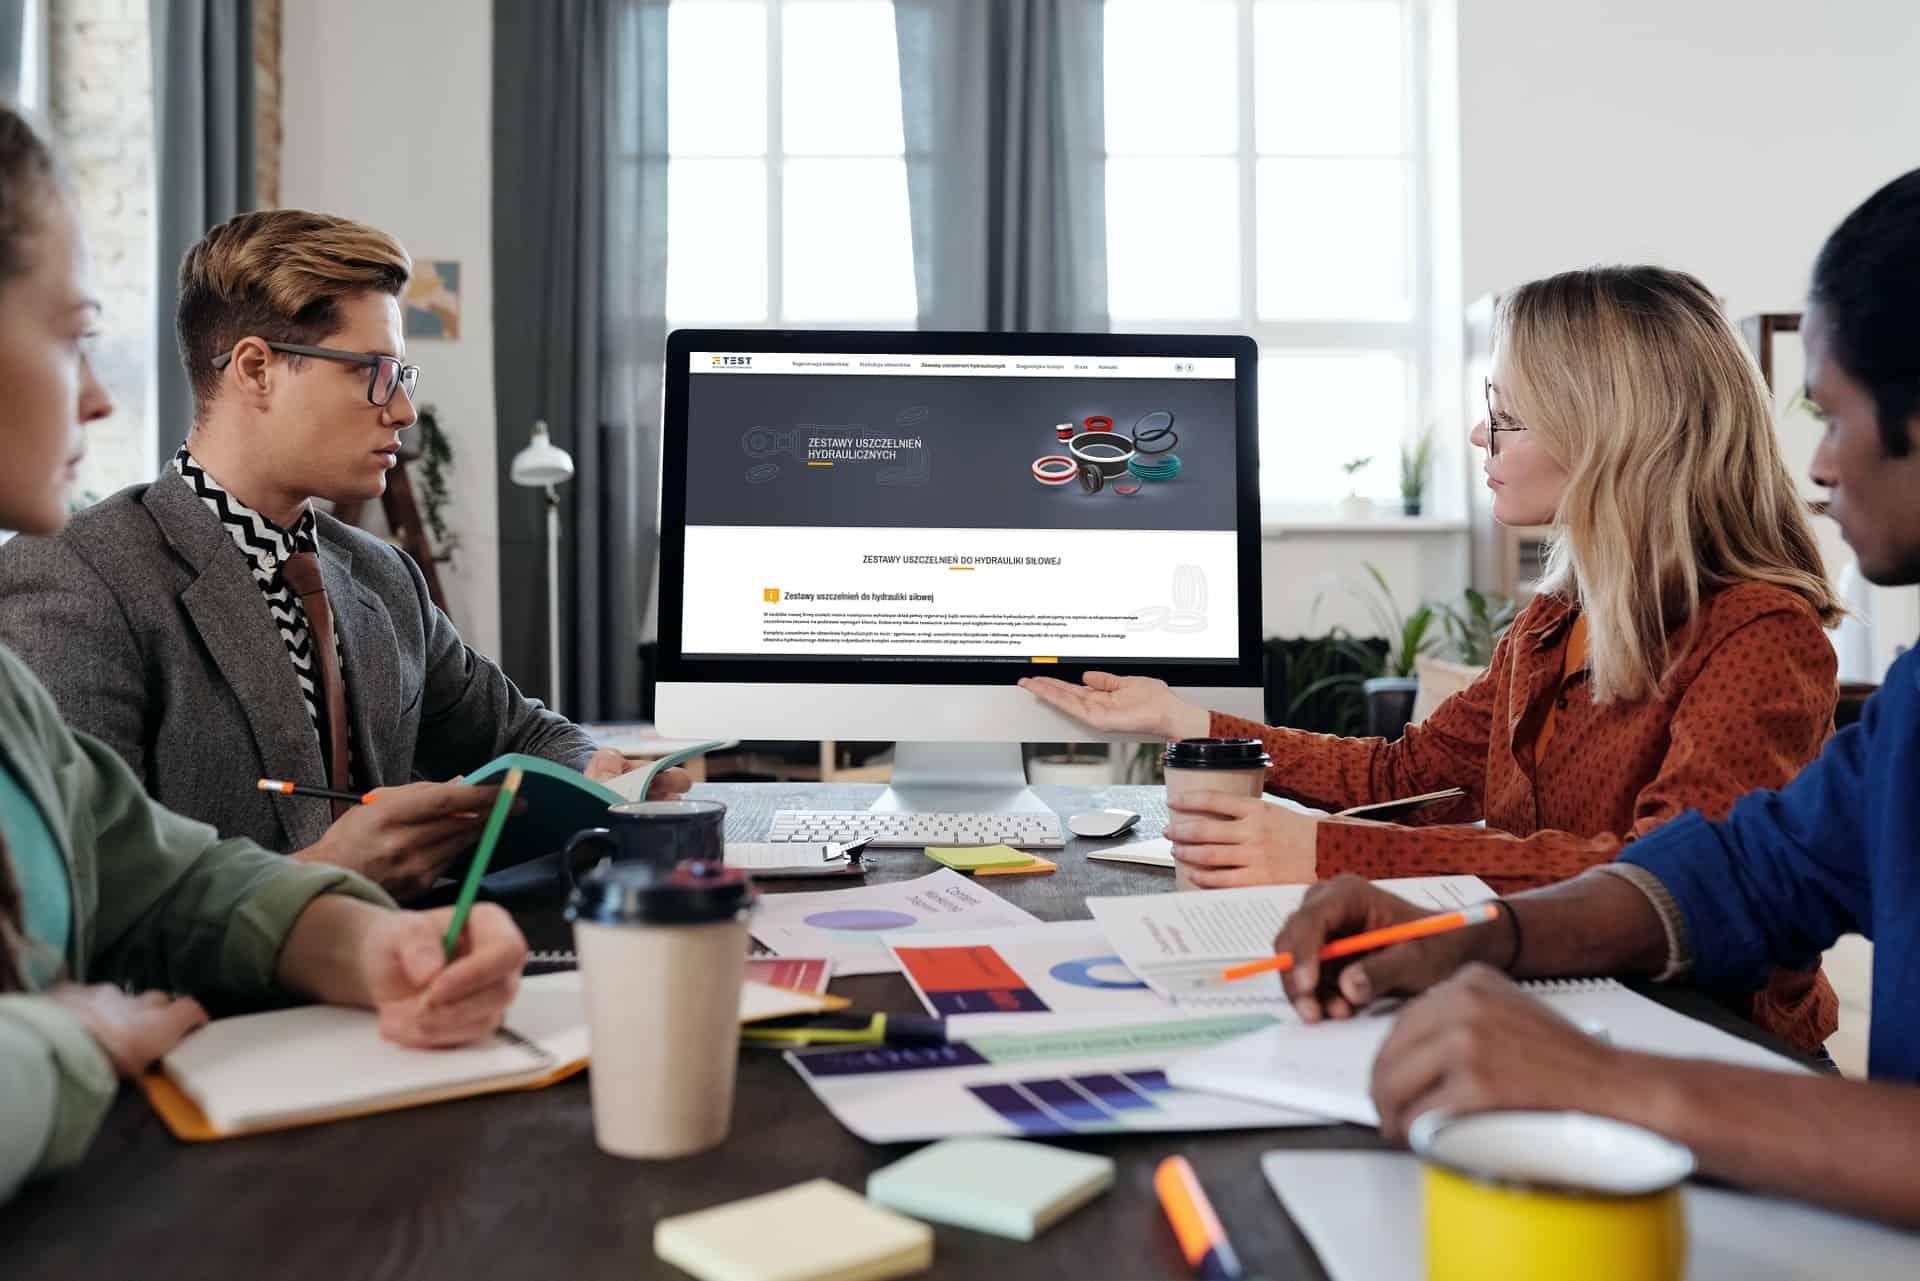 projekt strony internetowej dla firmy usługowej - agencja marketingowa OzonMedia Wrocław (3)